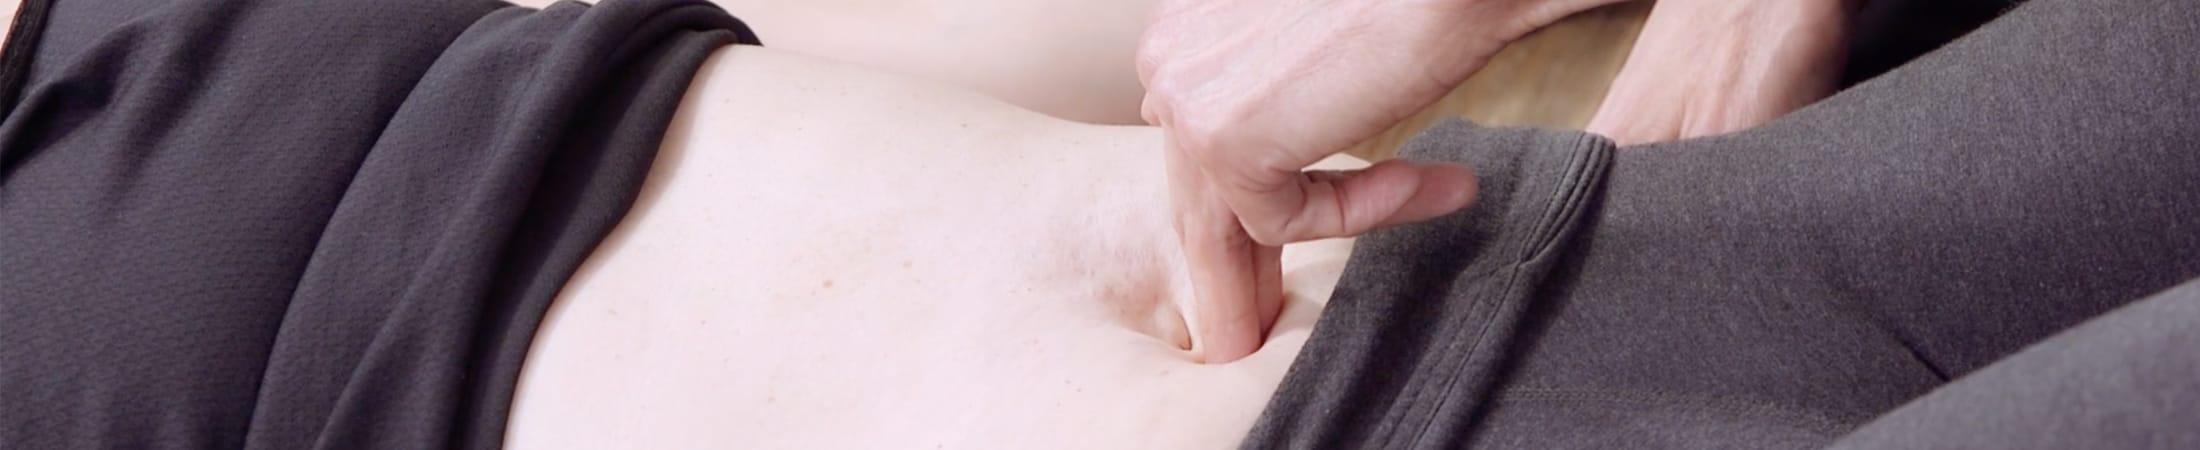 Instructor testing for Diastasis Recti